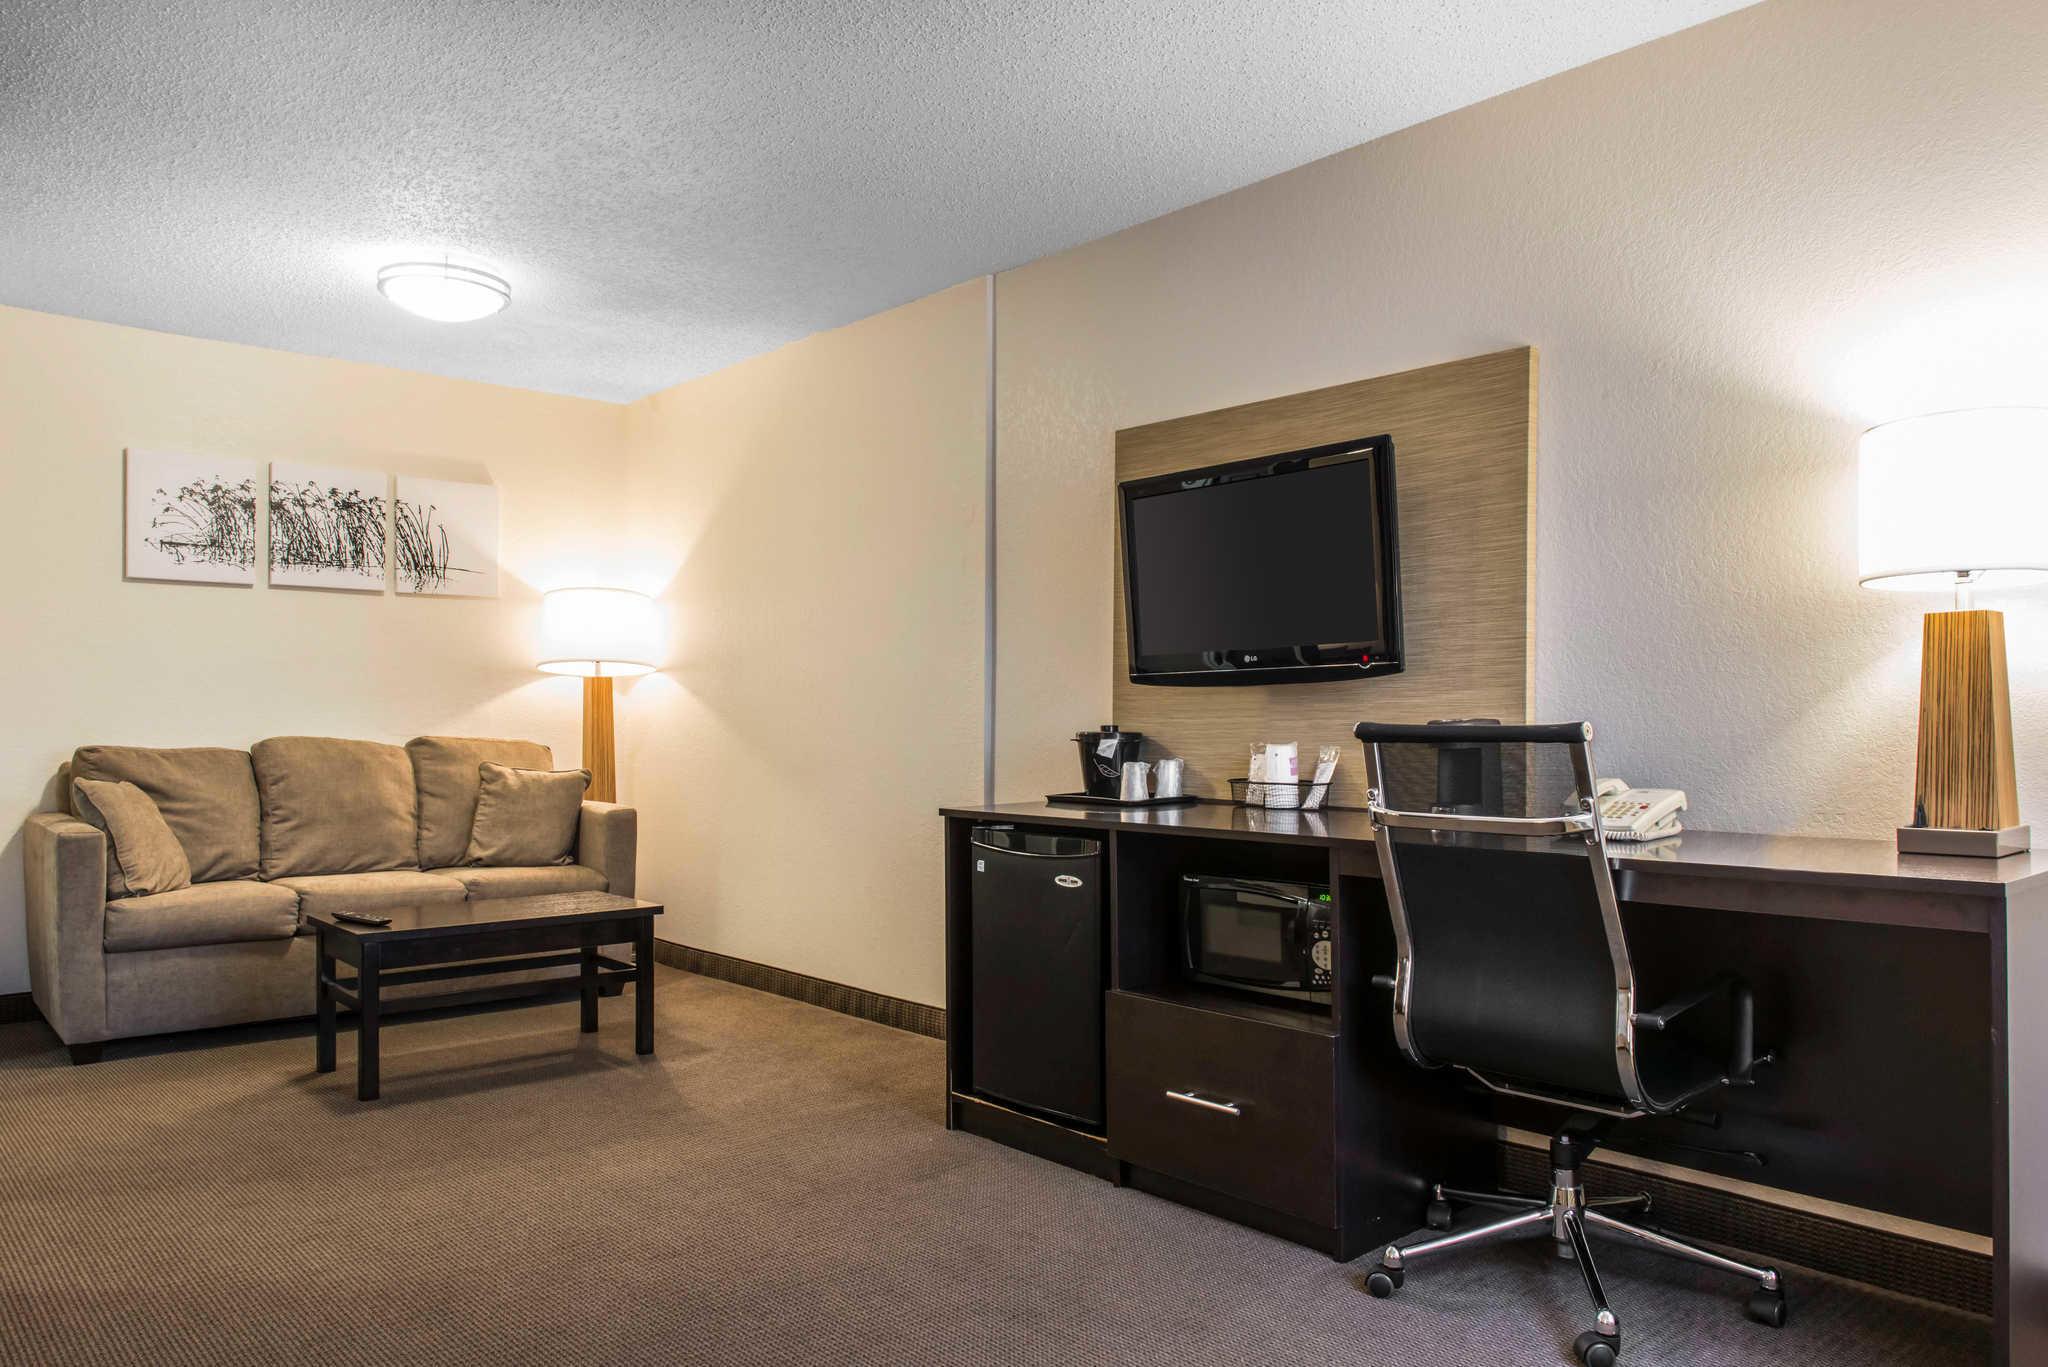 Sleep Inn & Suites image 17